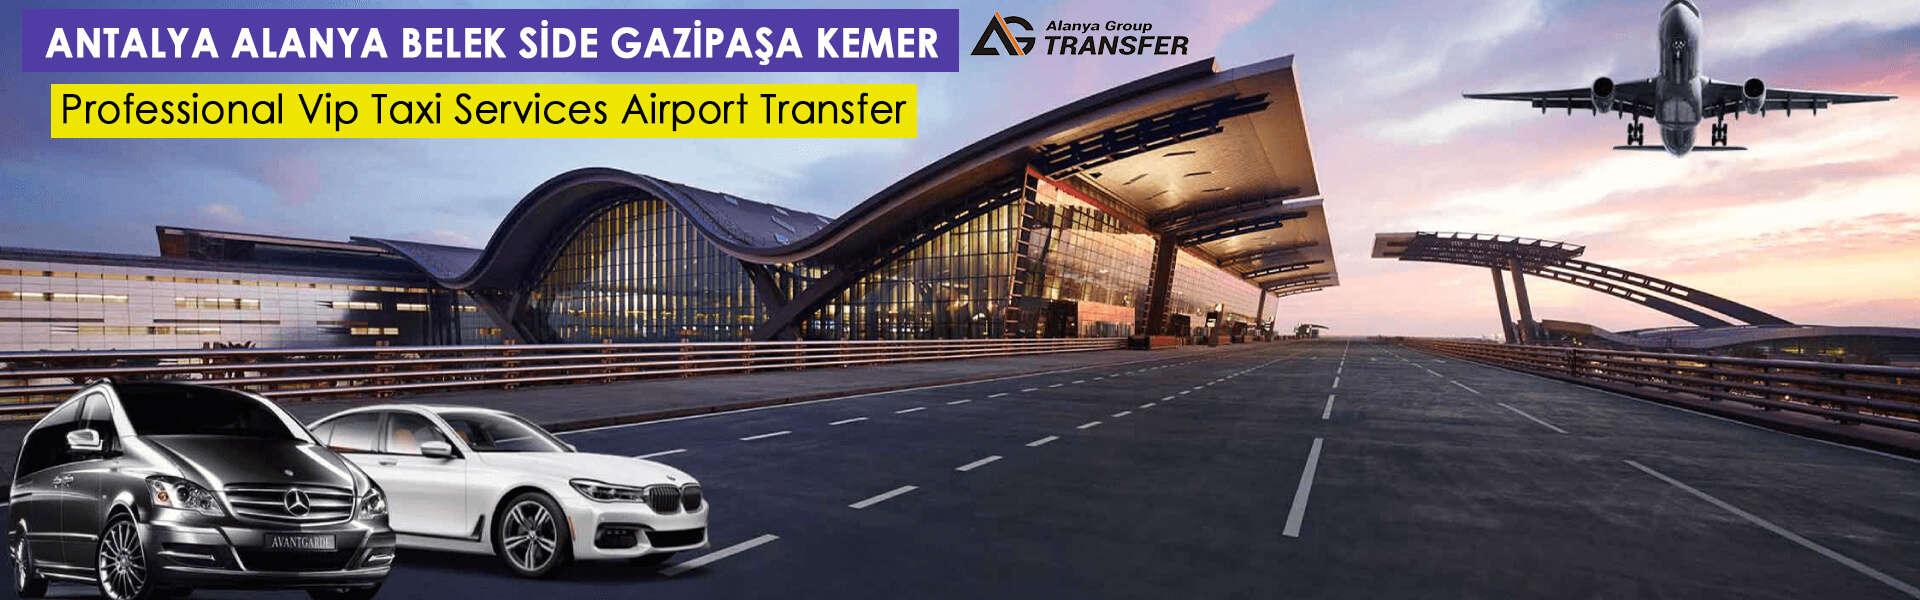 Antalya Bölgesi 7/24 Havaalanı Transfer